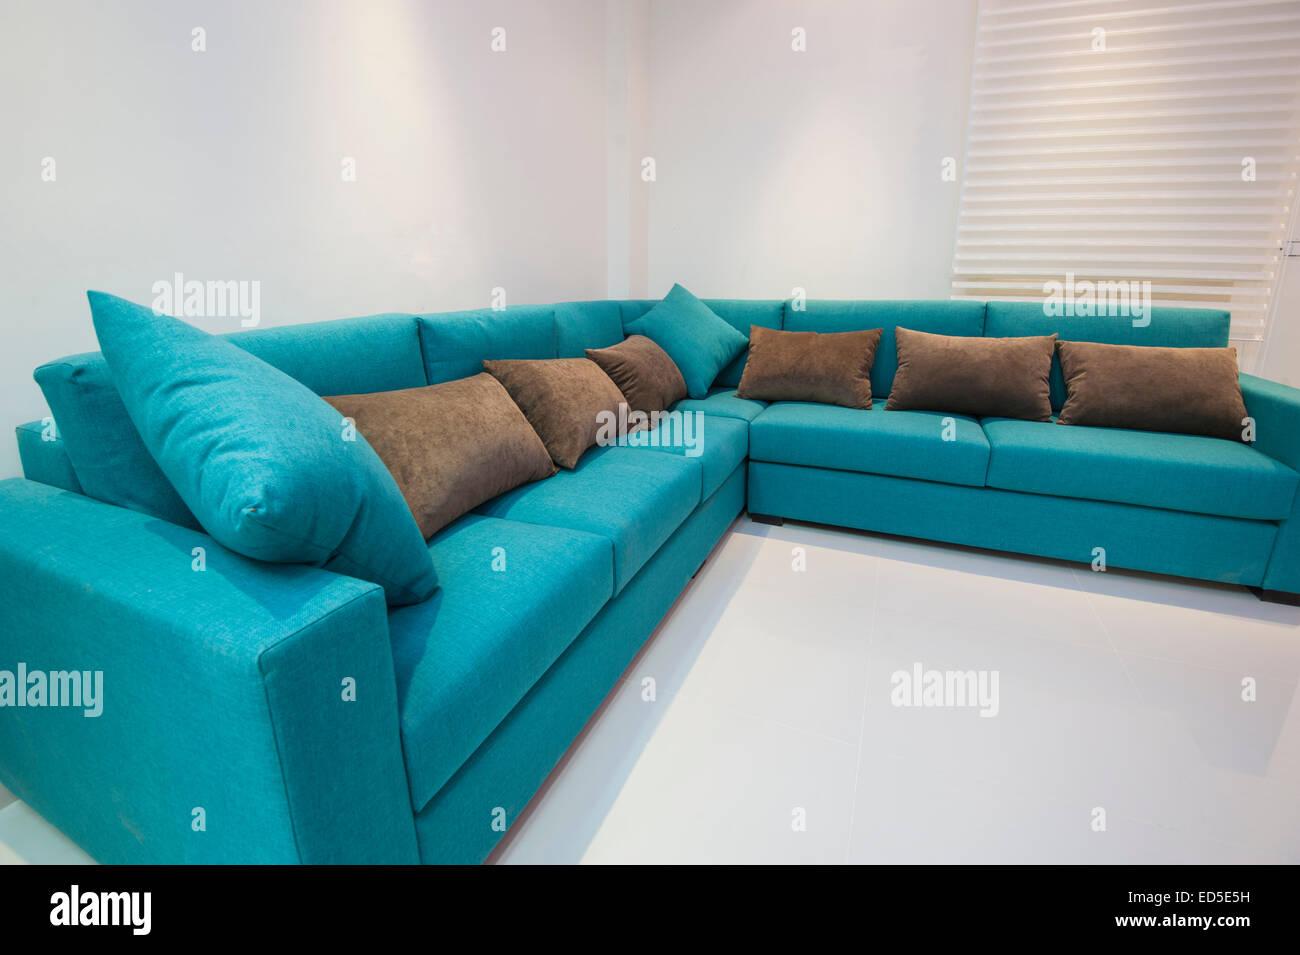 Divano ad angolo con cuscini in appartamento di lusso soggiorno Immagini Stock